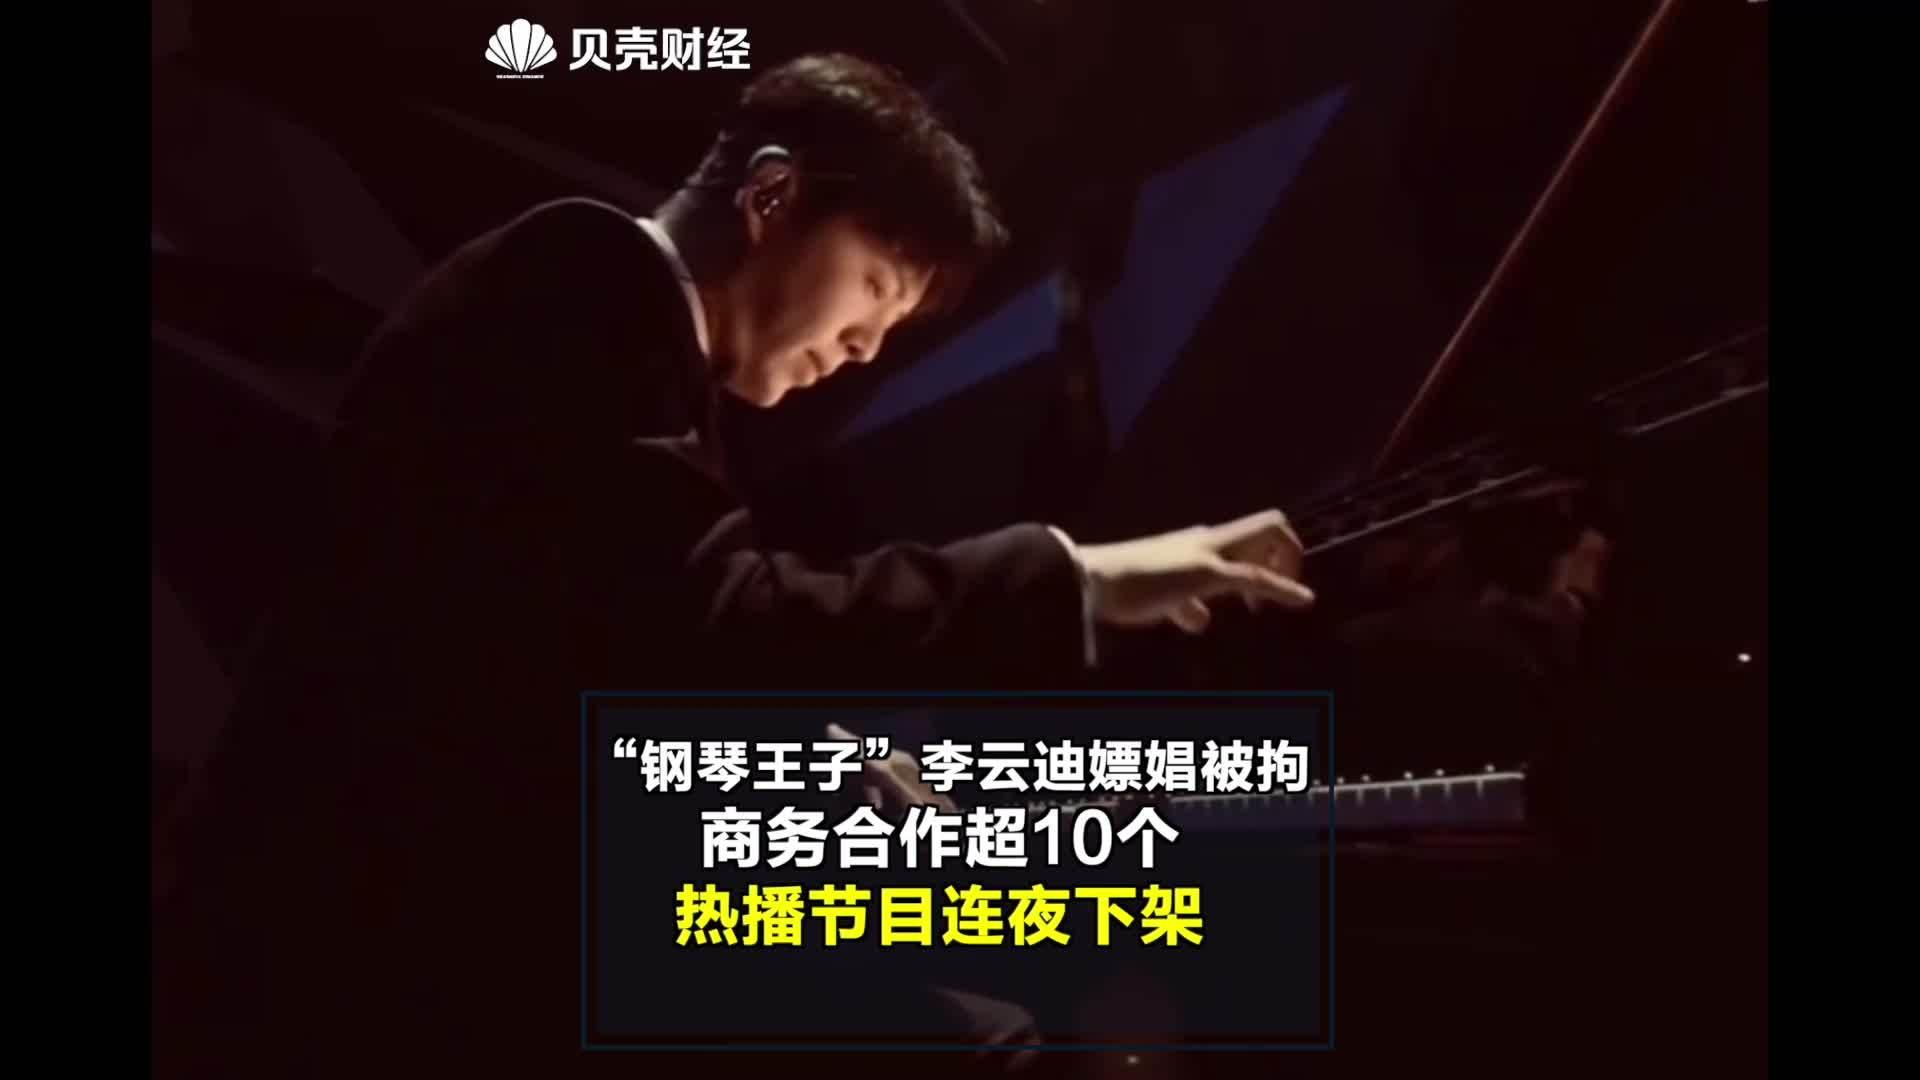 """""""钢琴王子""""李云迪嫖娼被拘 商务合作超10个 热播节目连夜下架"""